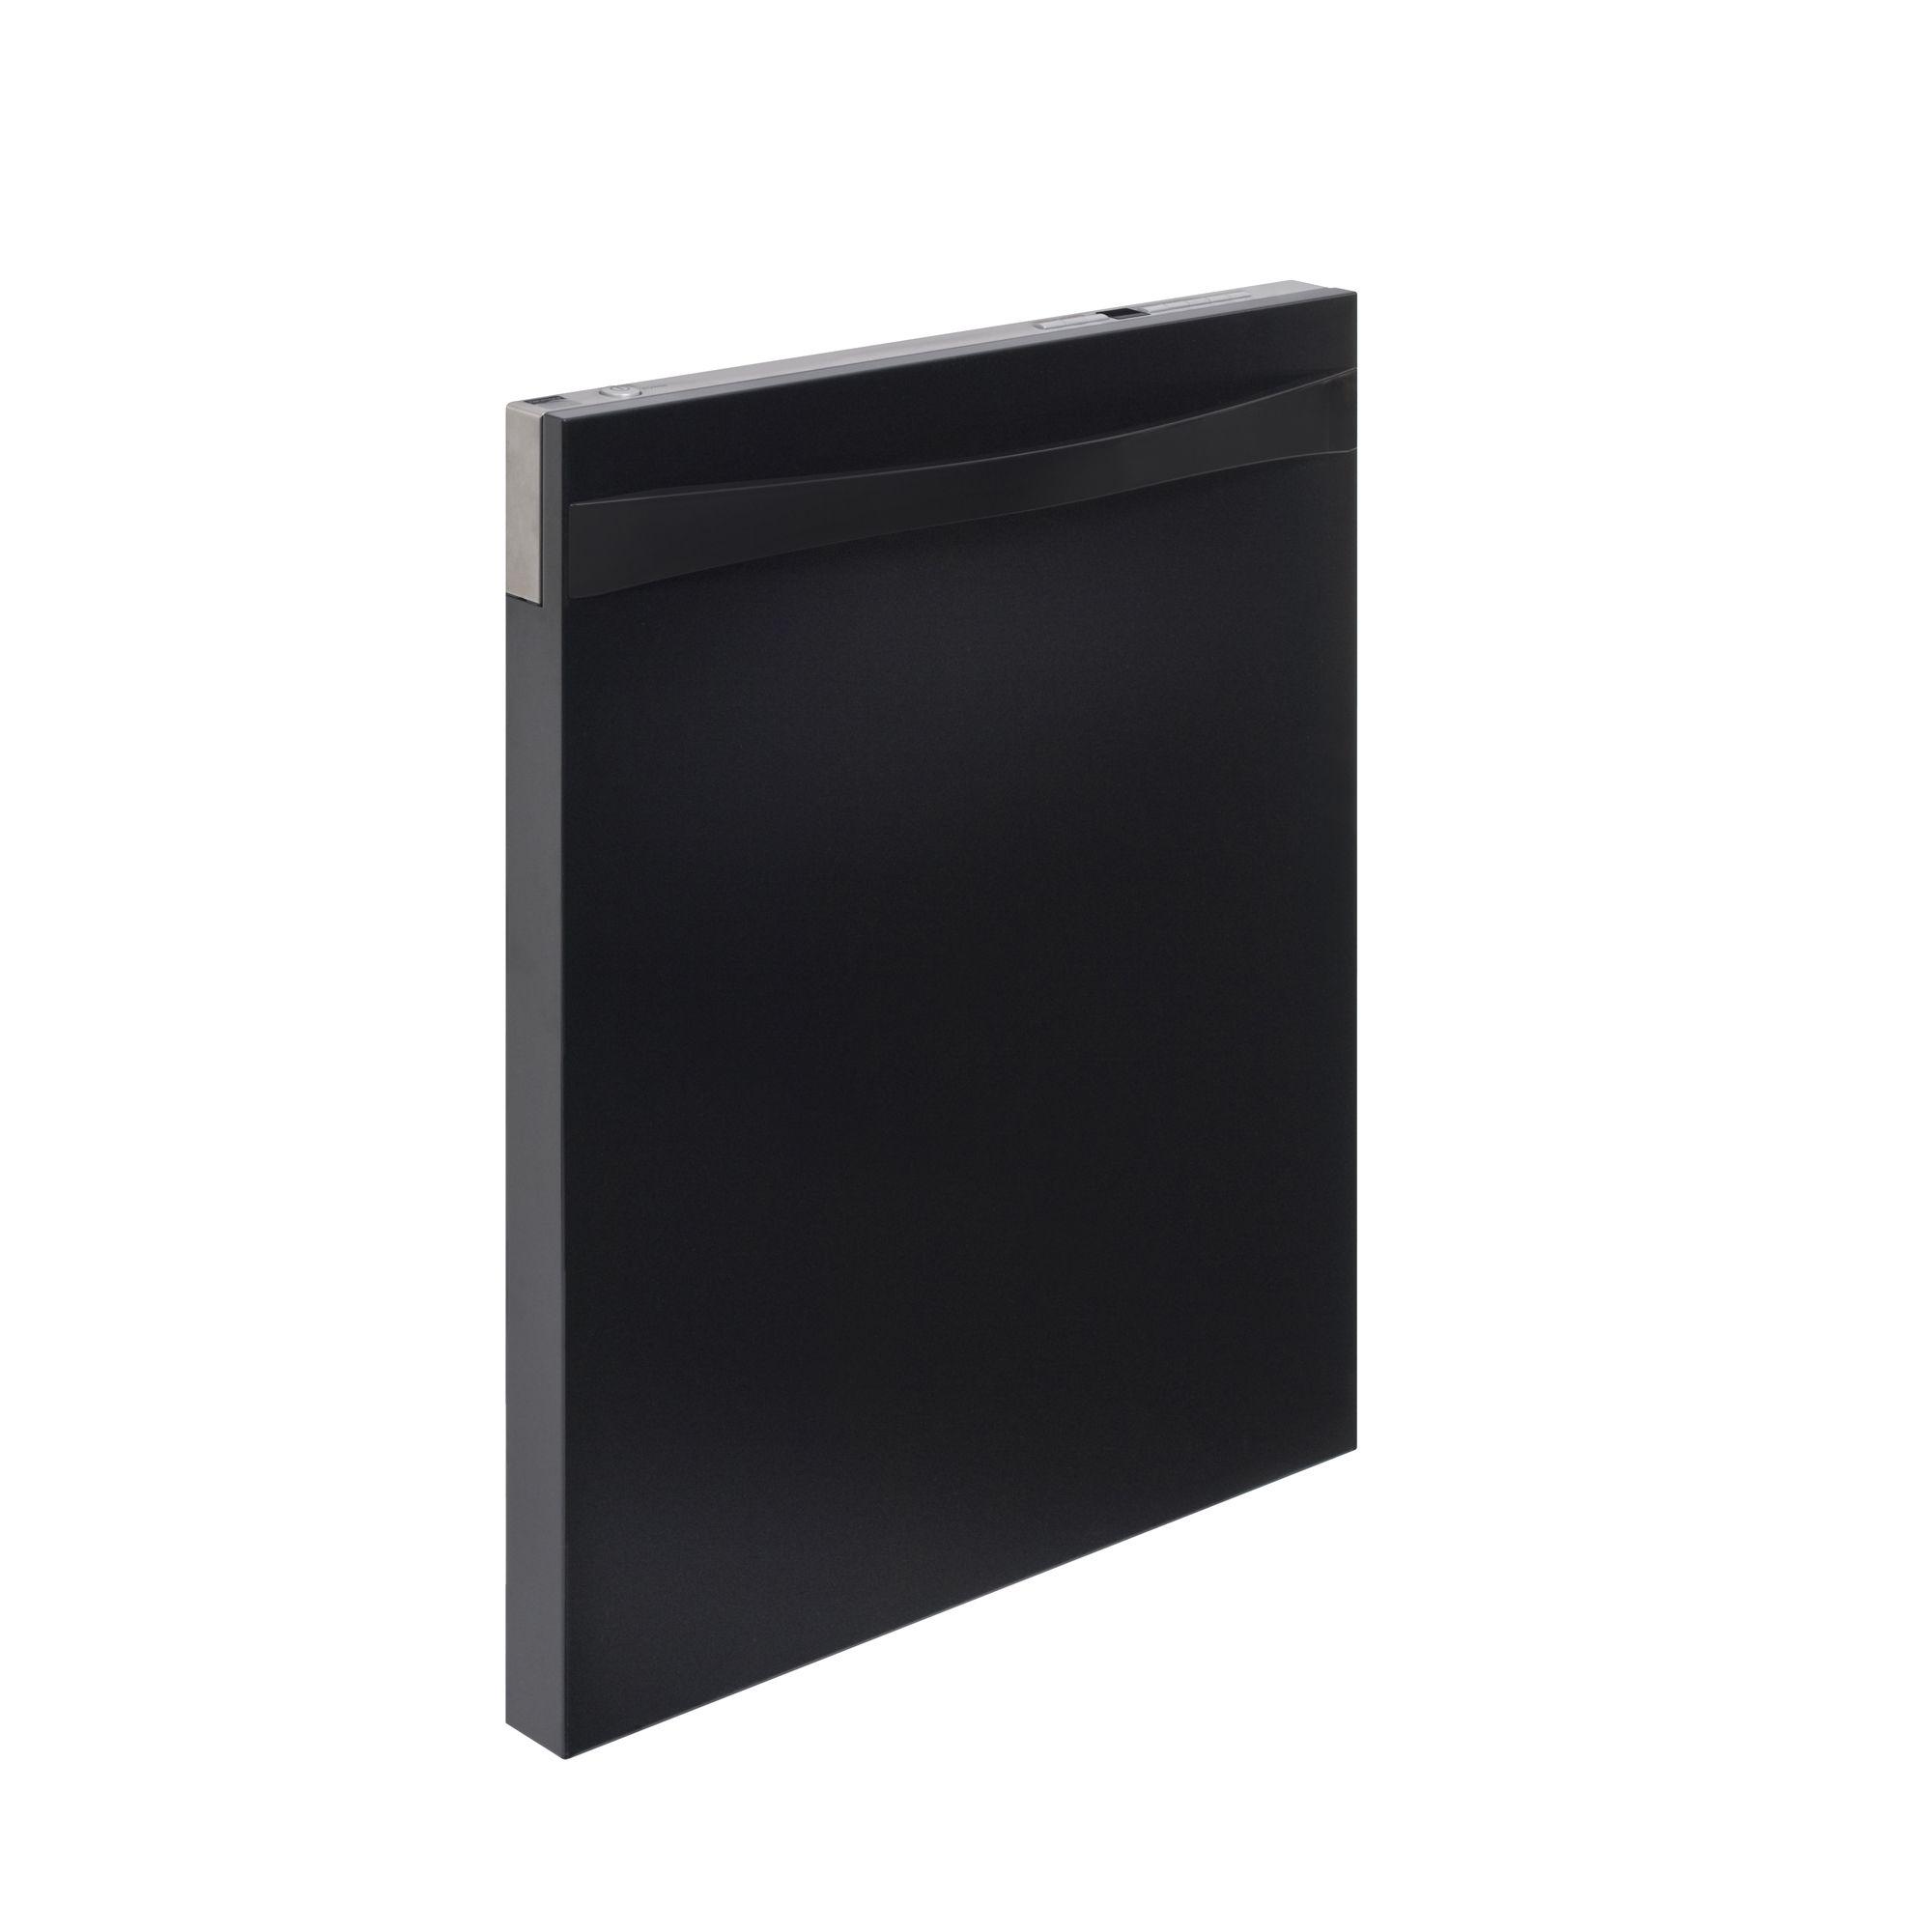 """Kenmore Elite 24"""" Built-In Dishwasher - Black"""